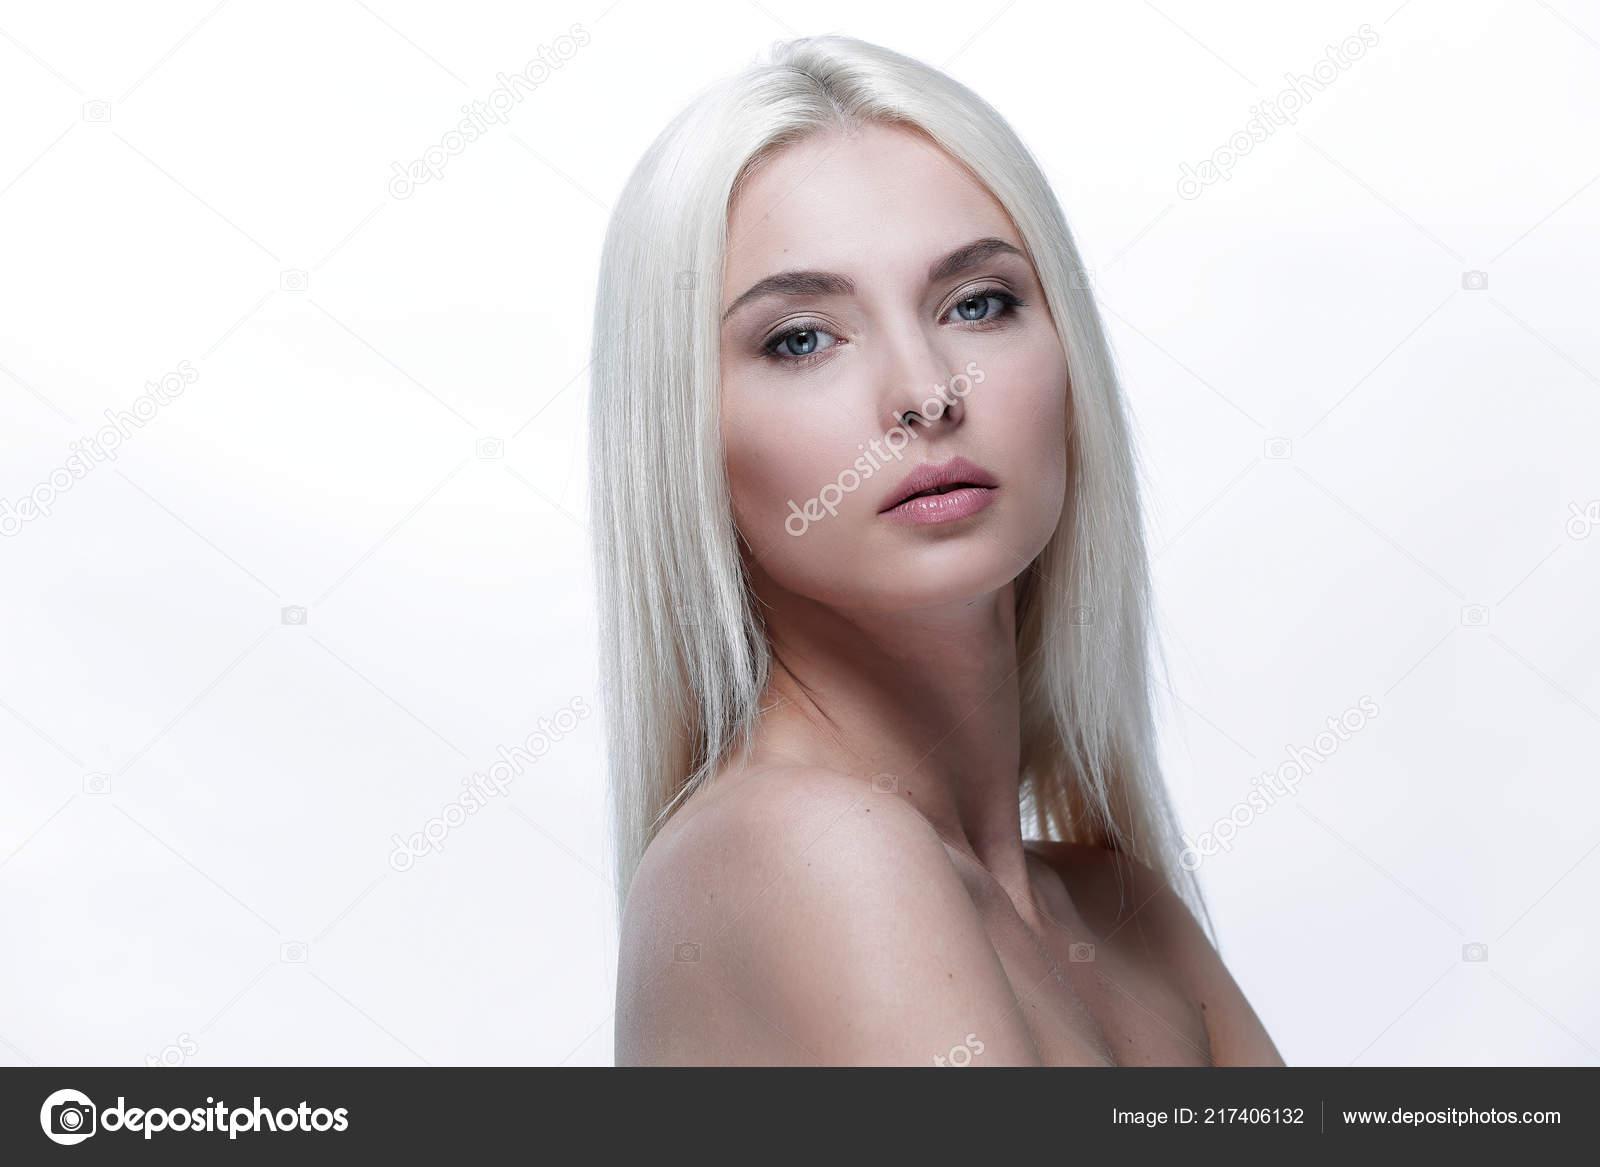 kartinki-litsa-krasivih-blondinok-ogromnie-chleni-podborka-video-onlayn